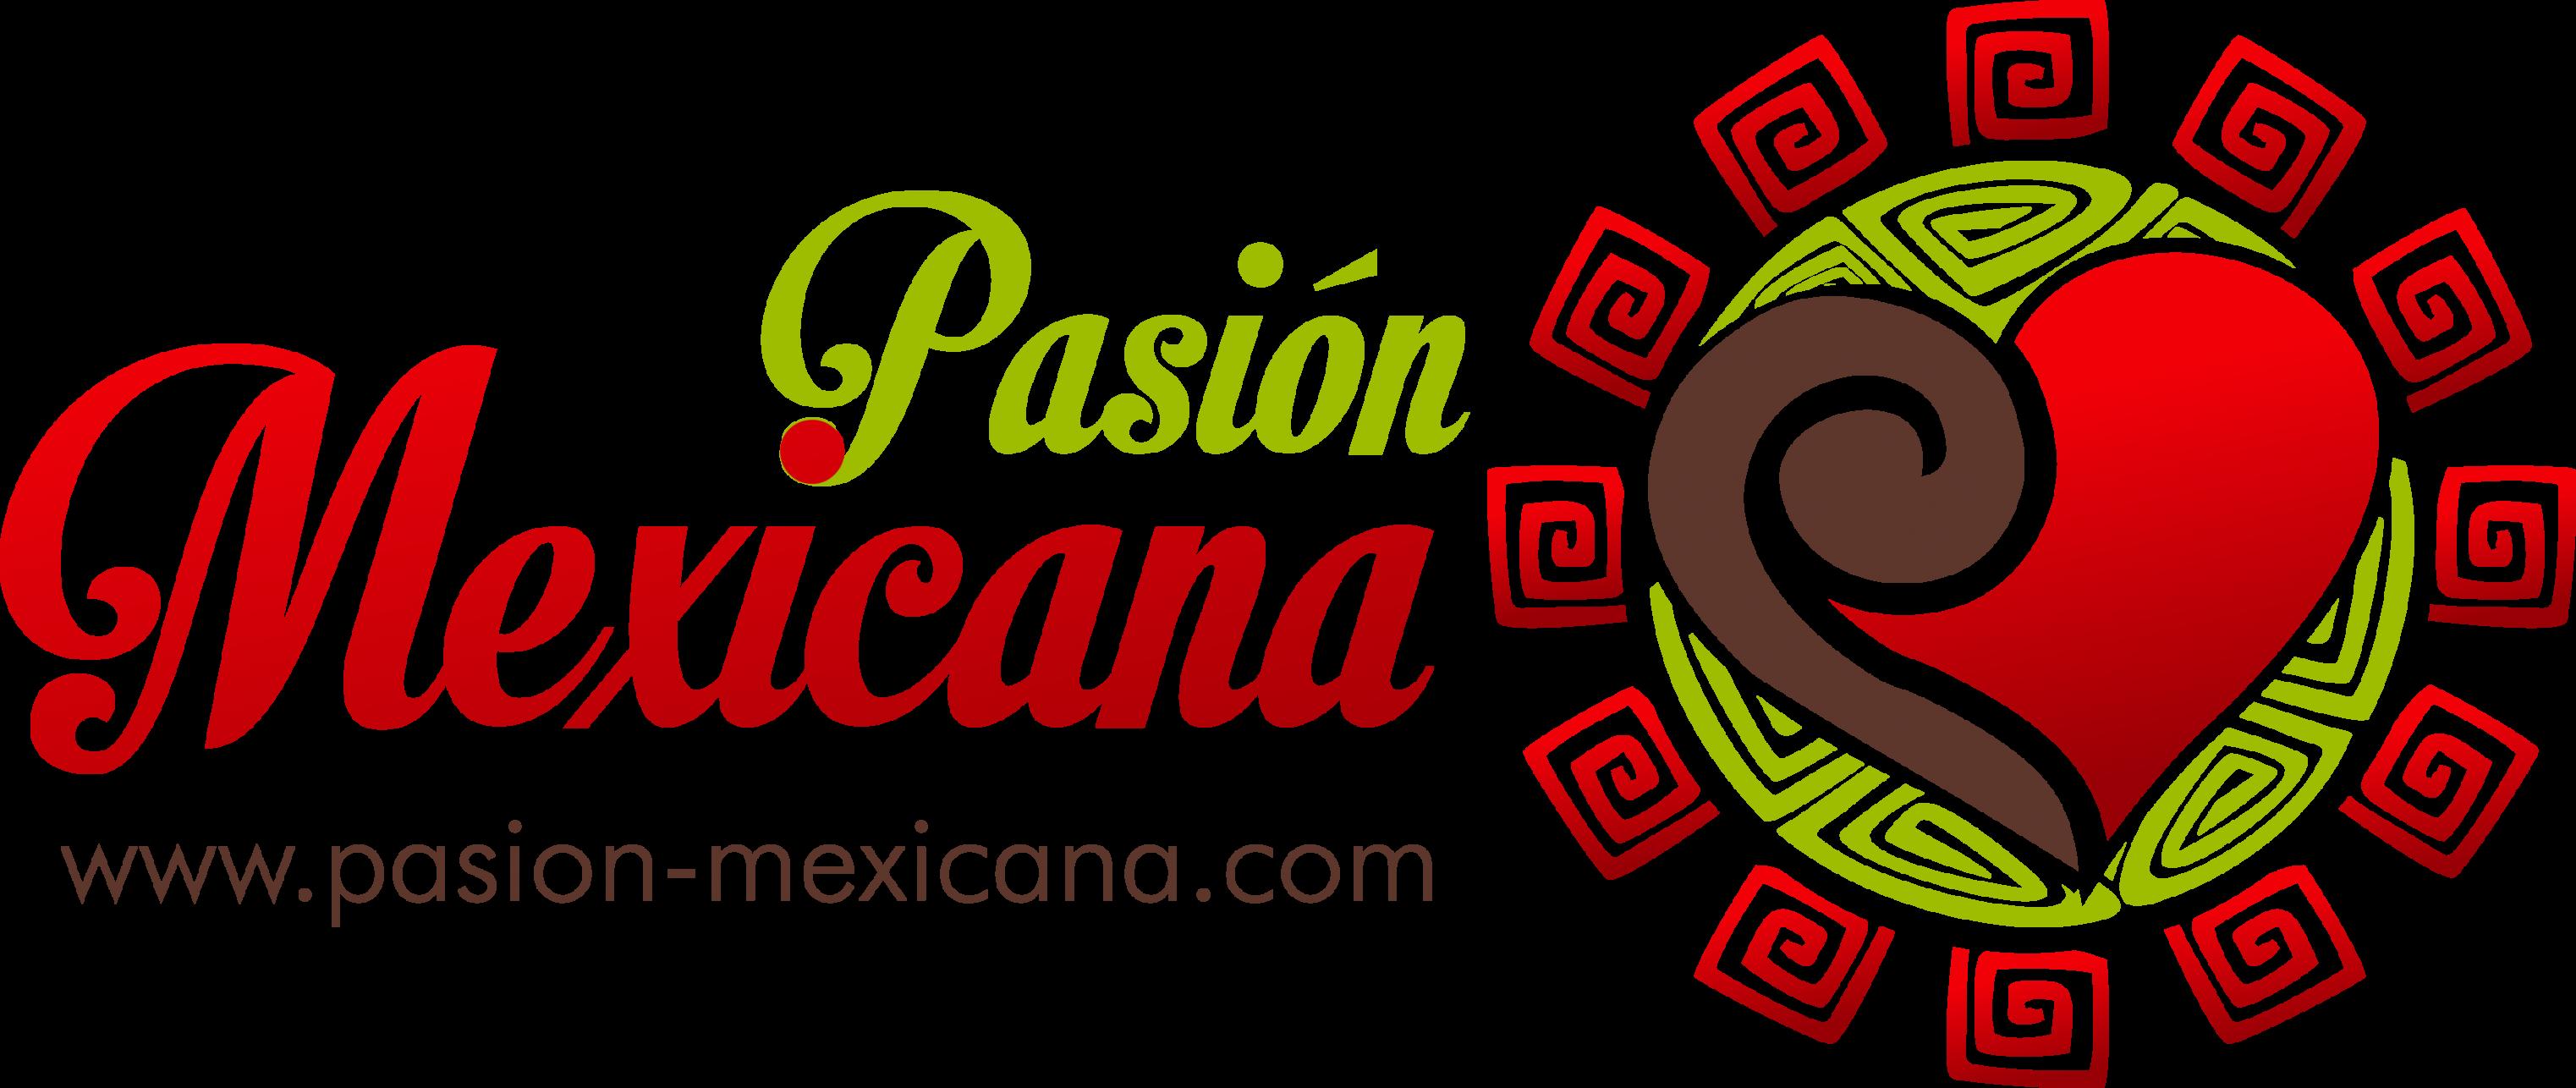 Faq preguntas frecuentes pasion for Mexican logos images